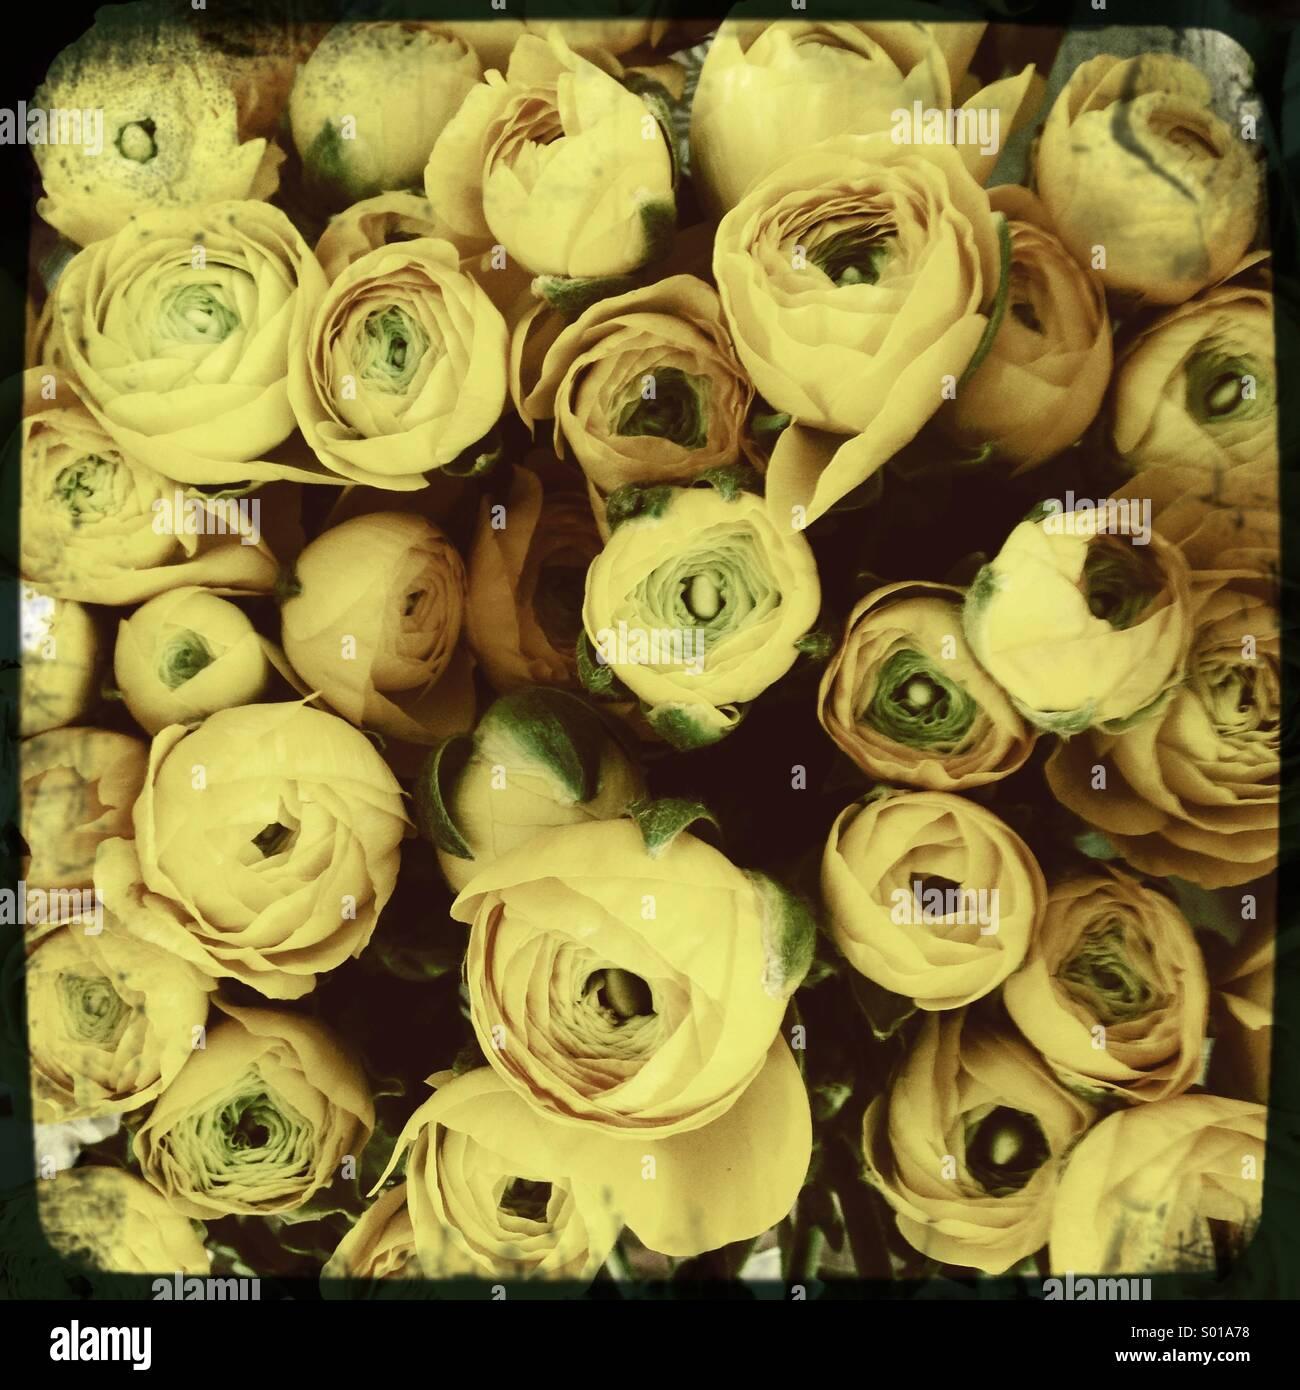 Bouquet de roses jaunes Photo Stock